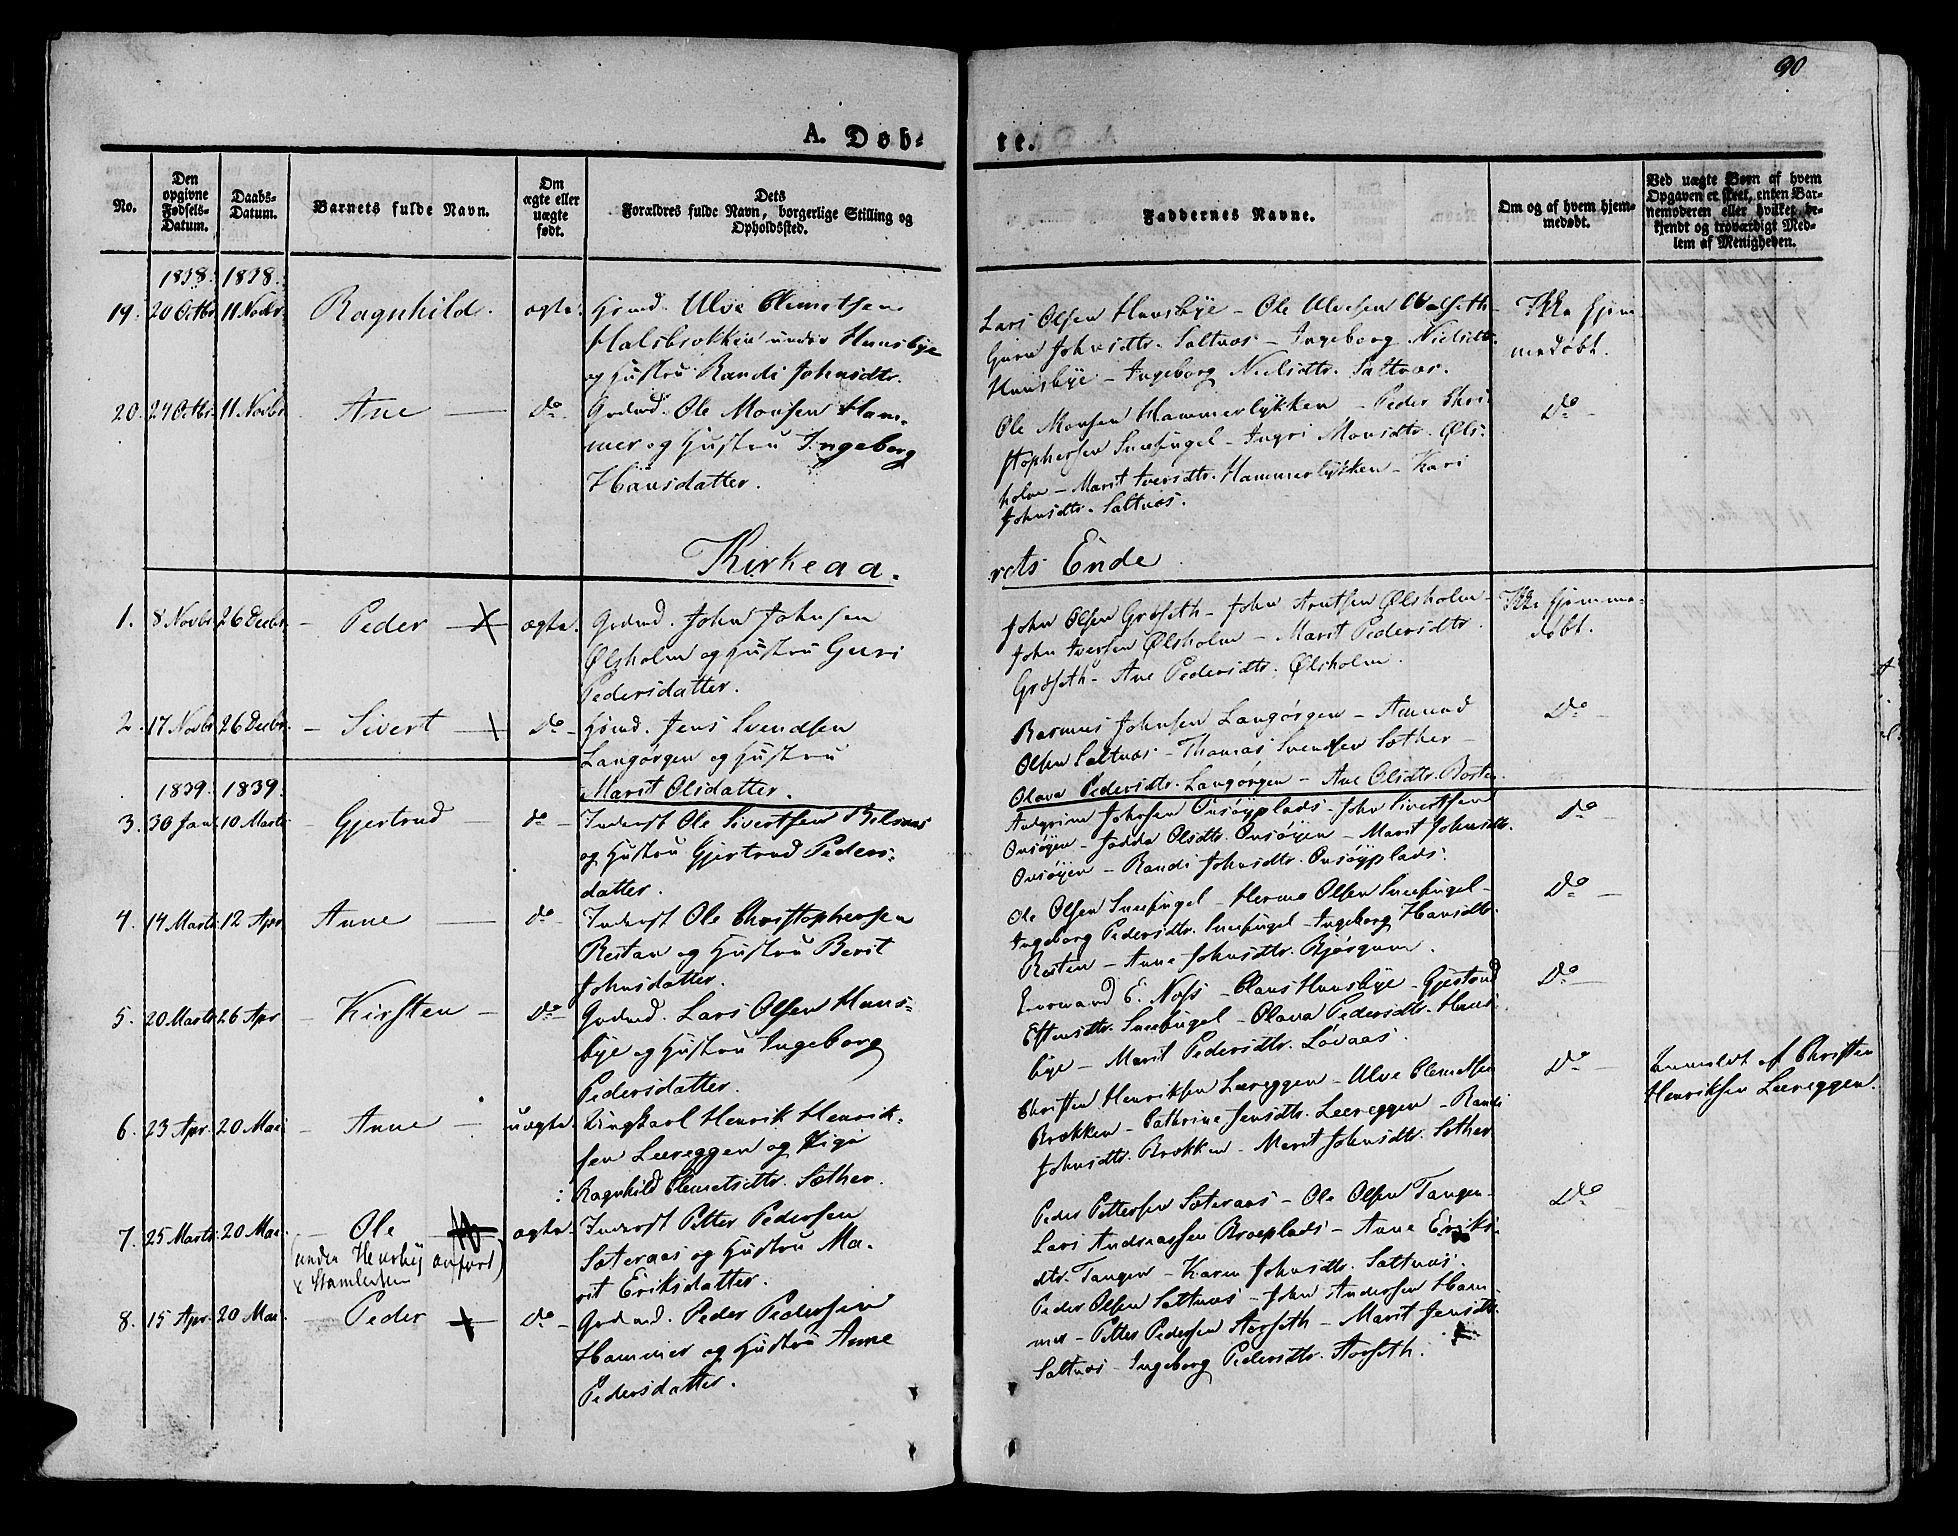 SAT, Ministerialprotokoller, klokkerbøker og fødselsregistre - Sør-Trøndelag, 612/L0375: Ministerialbok nr. 612A07 /2, 1829-1845, s. 90